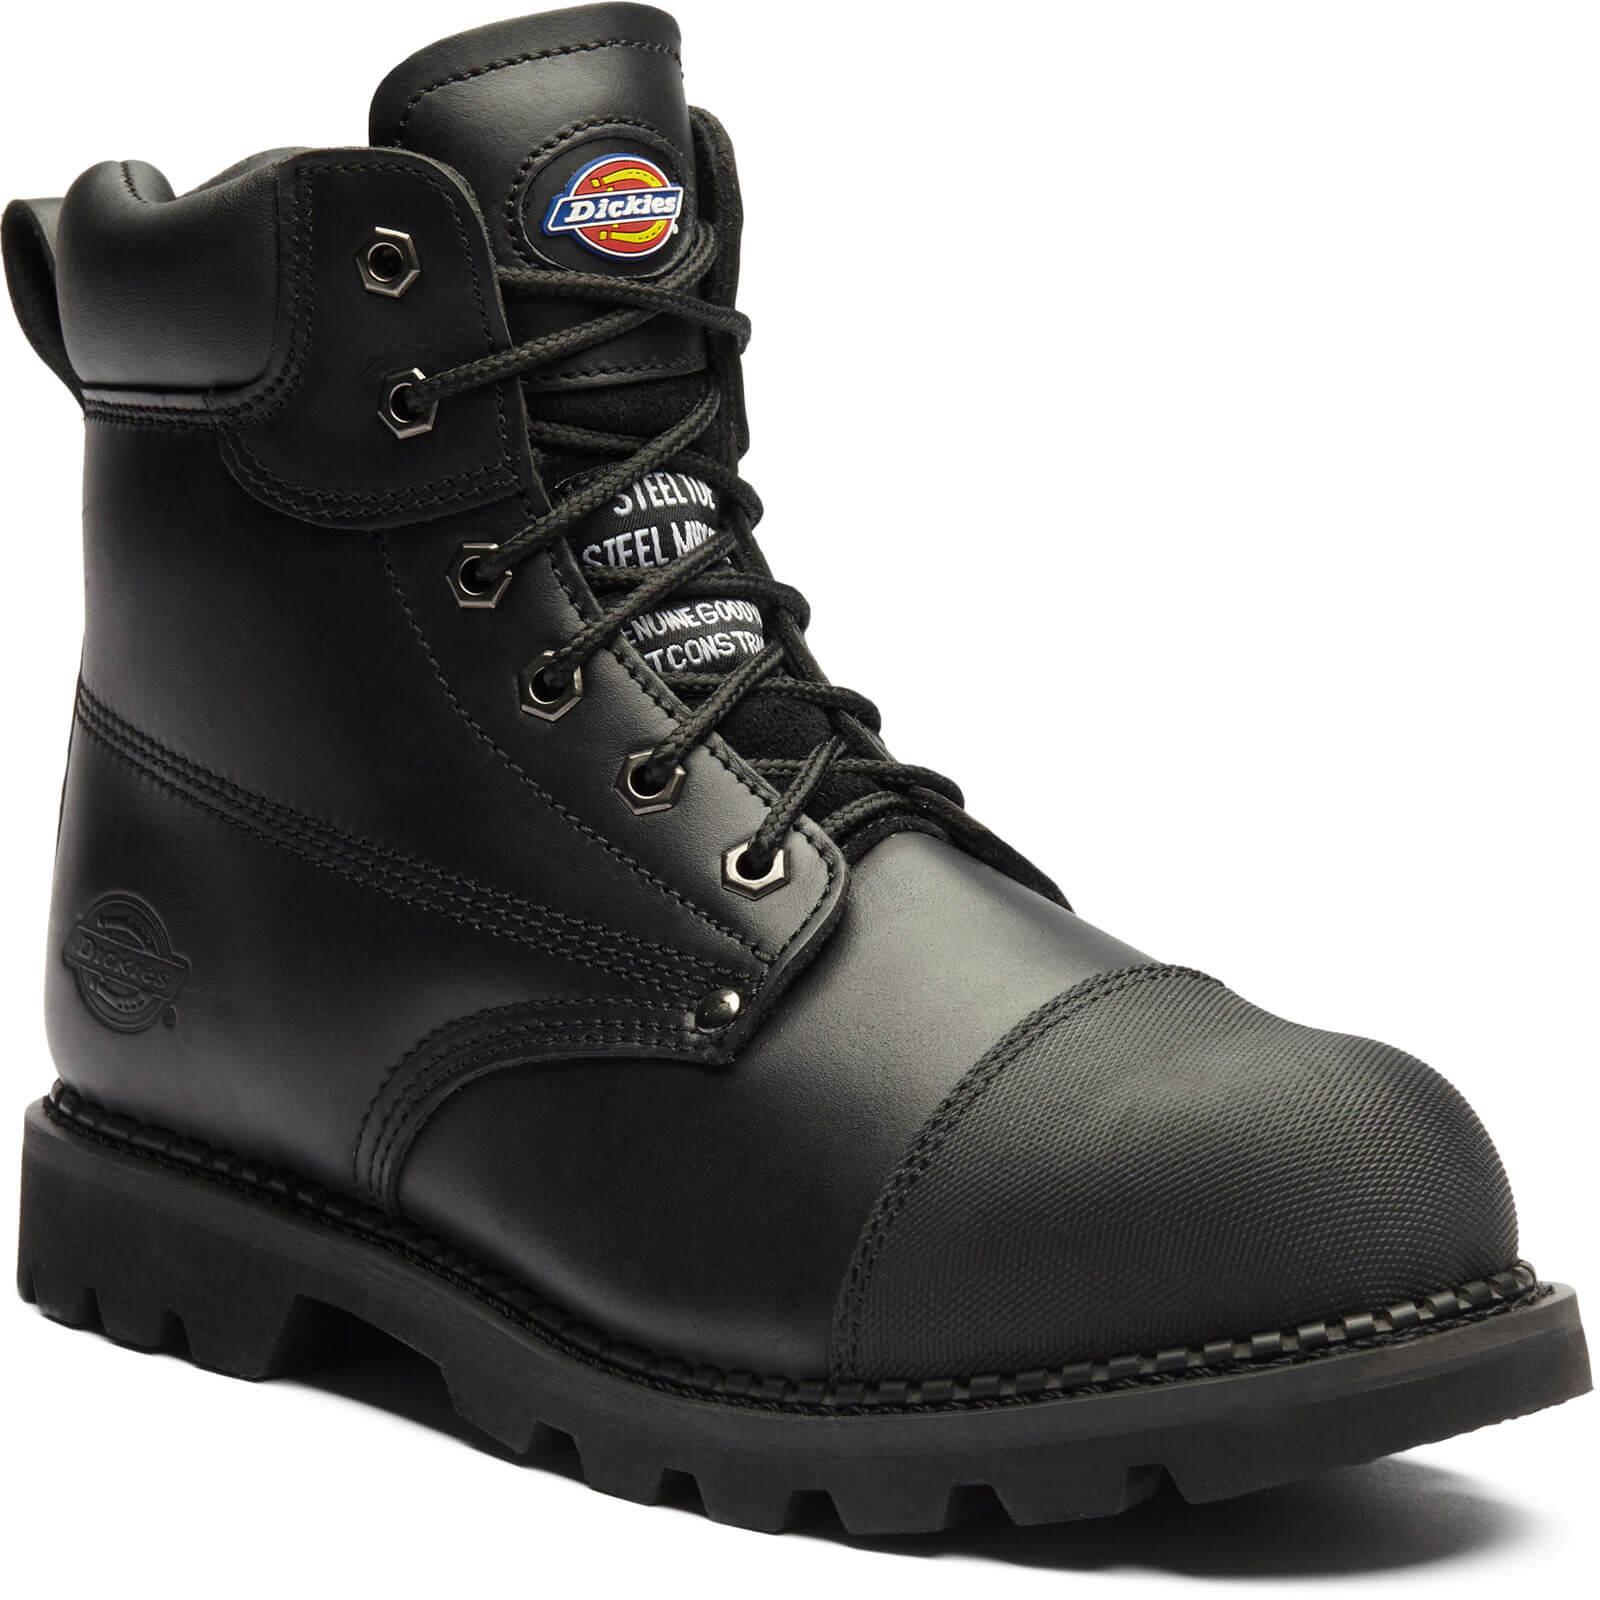 dickies men's steel toe boots